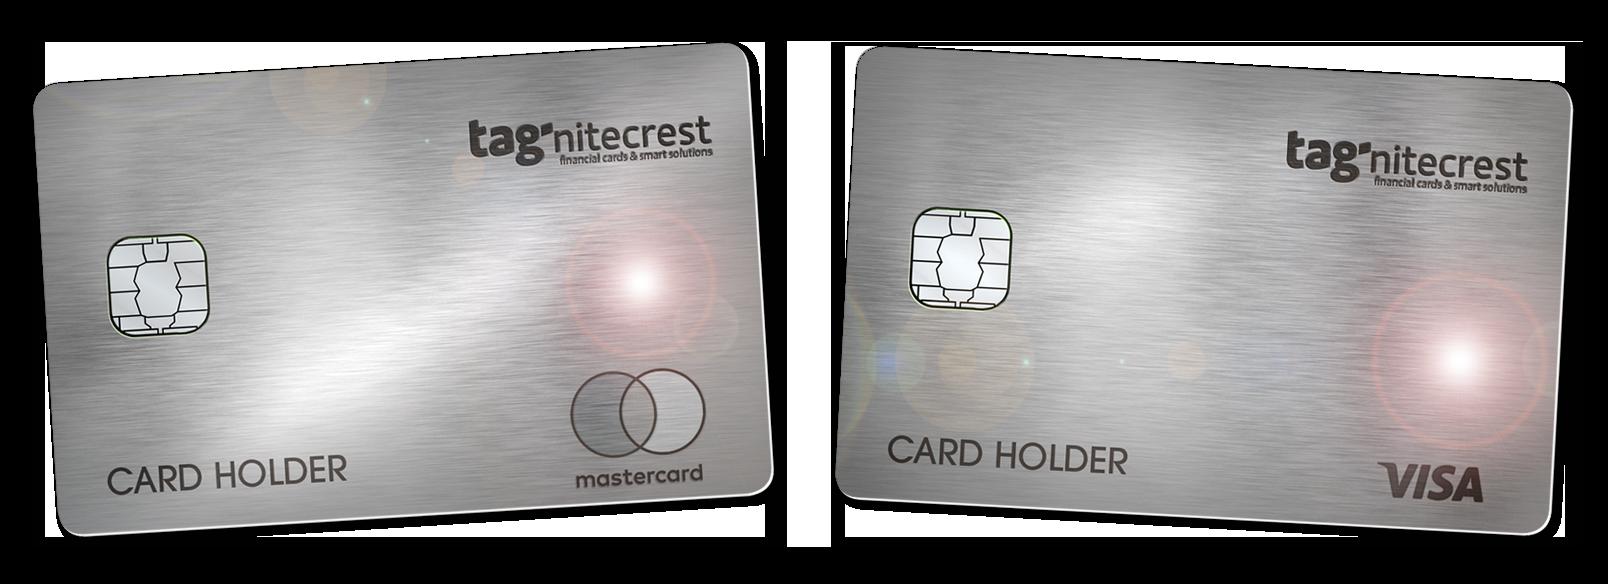 tagnitecrest metal cards